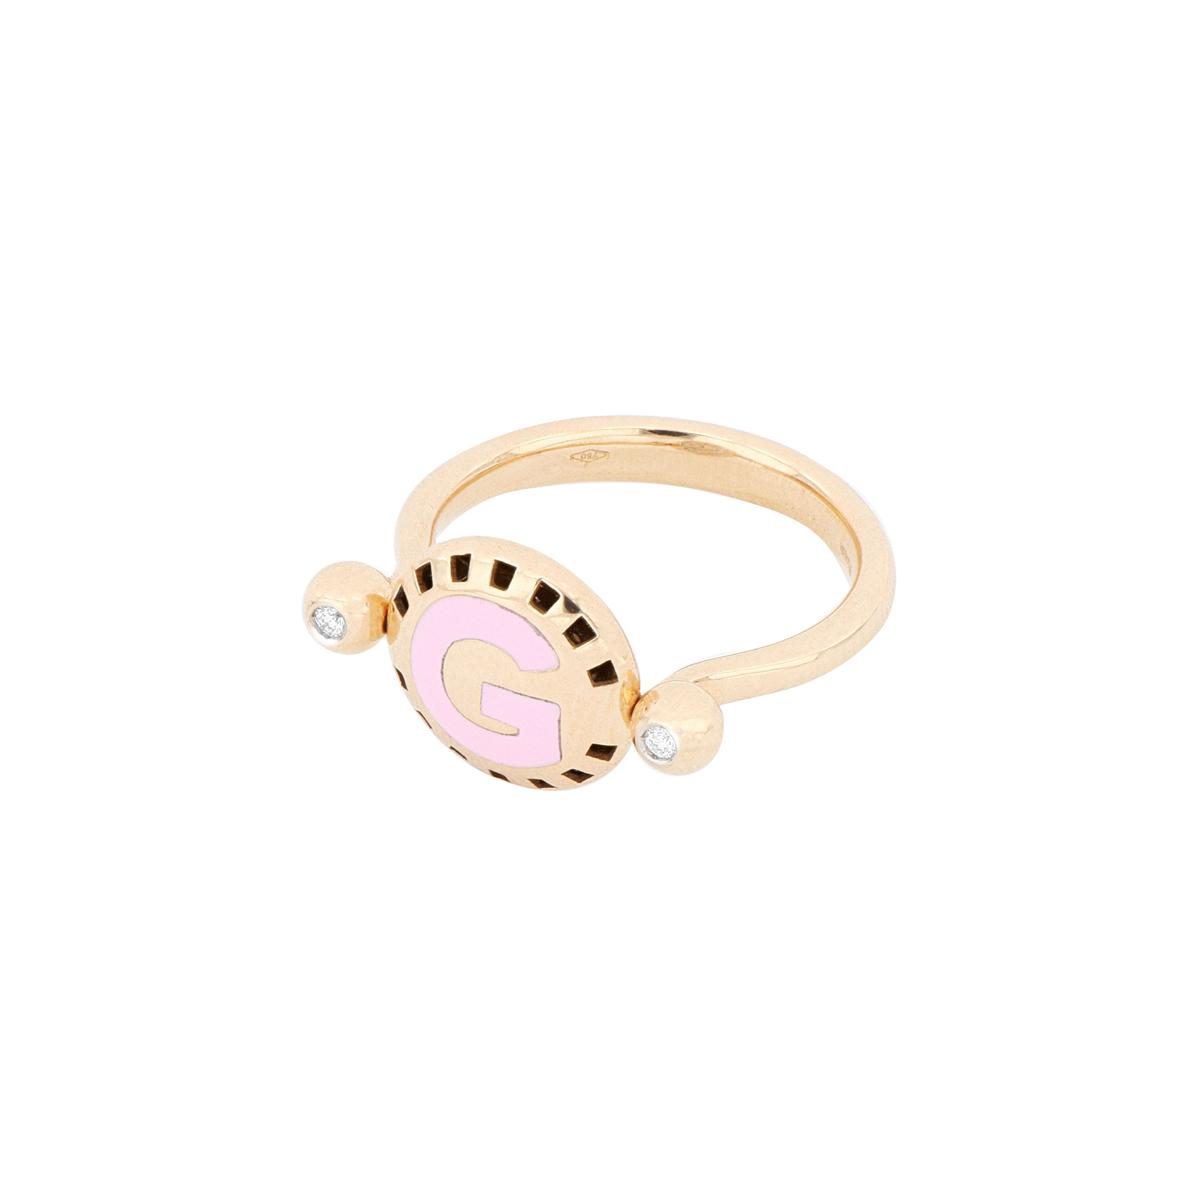 Reversible Enamel and Diamond Letter Ring in 18 Kt Rose Gold